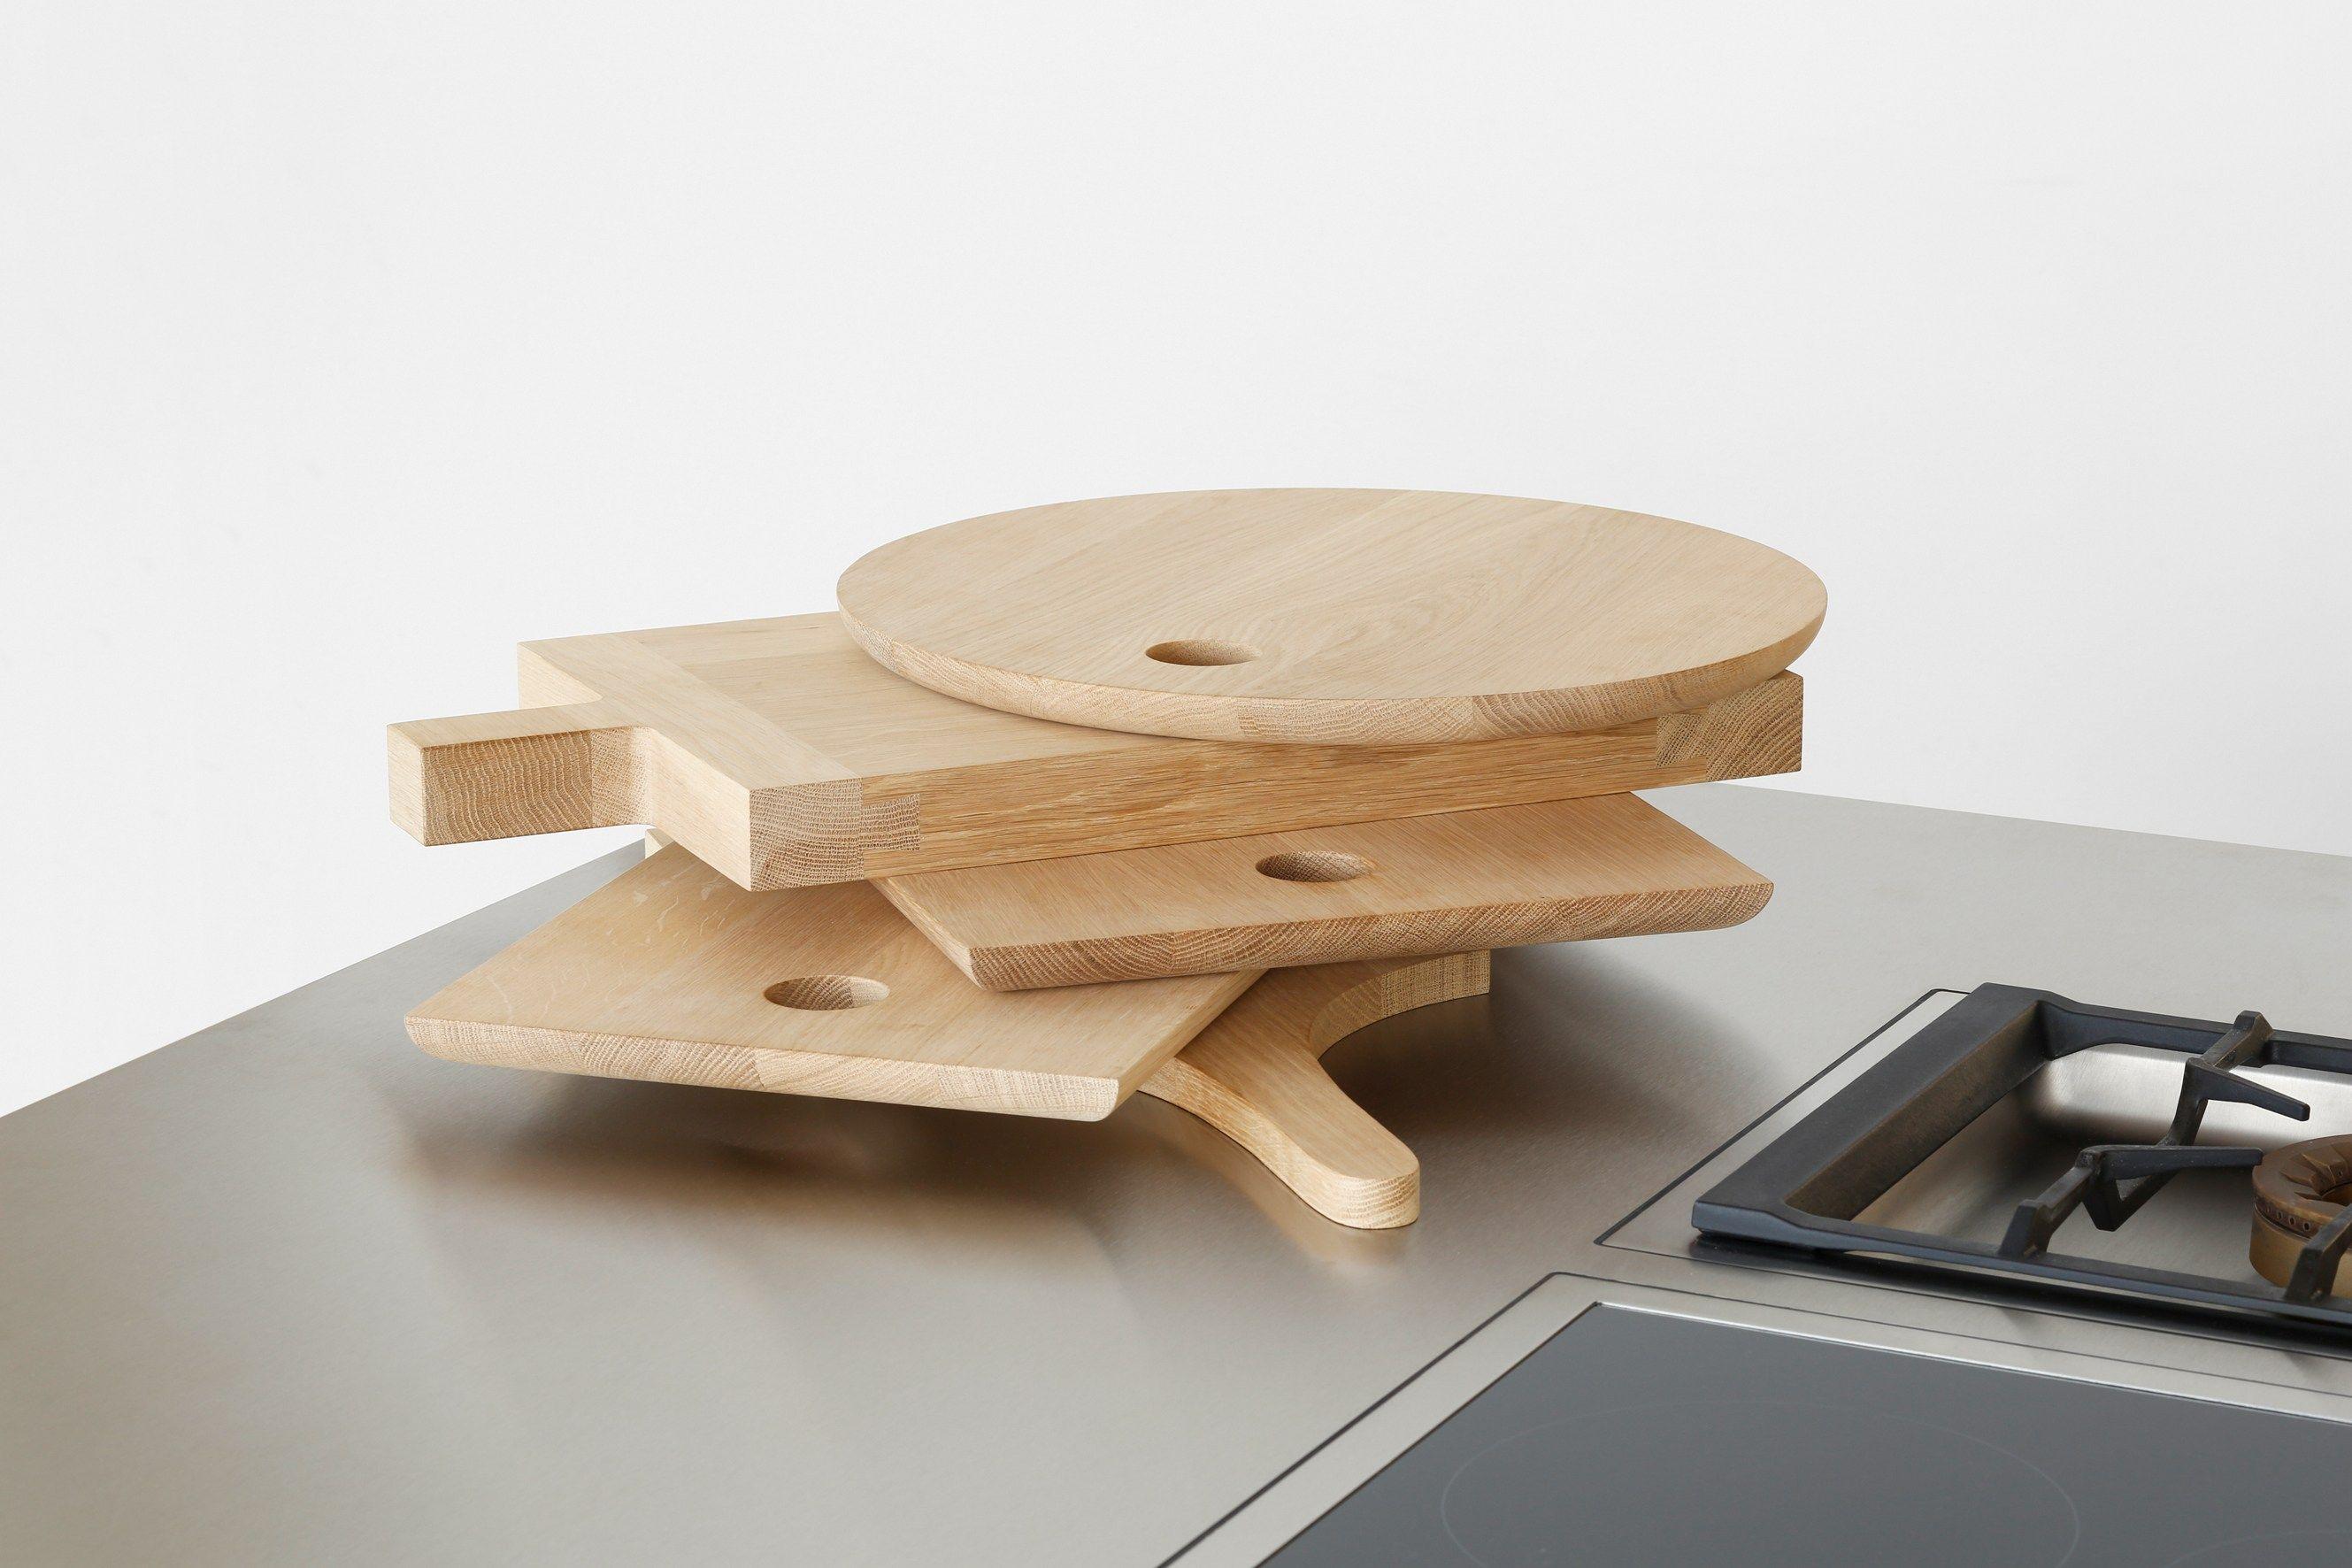 schneidebrett aus holz slice by e15 design philipp mainzer. Black Bedroom Furniture Sets. Home Design Ideas